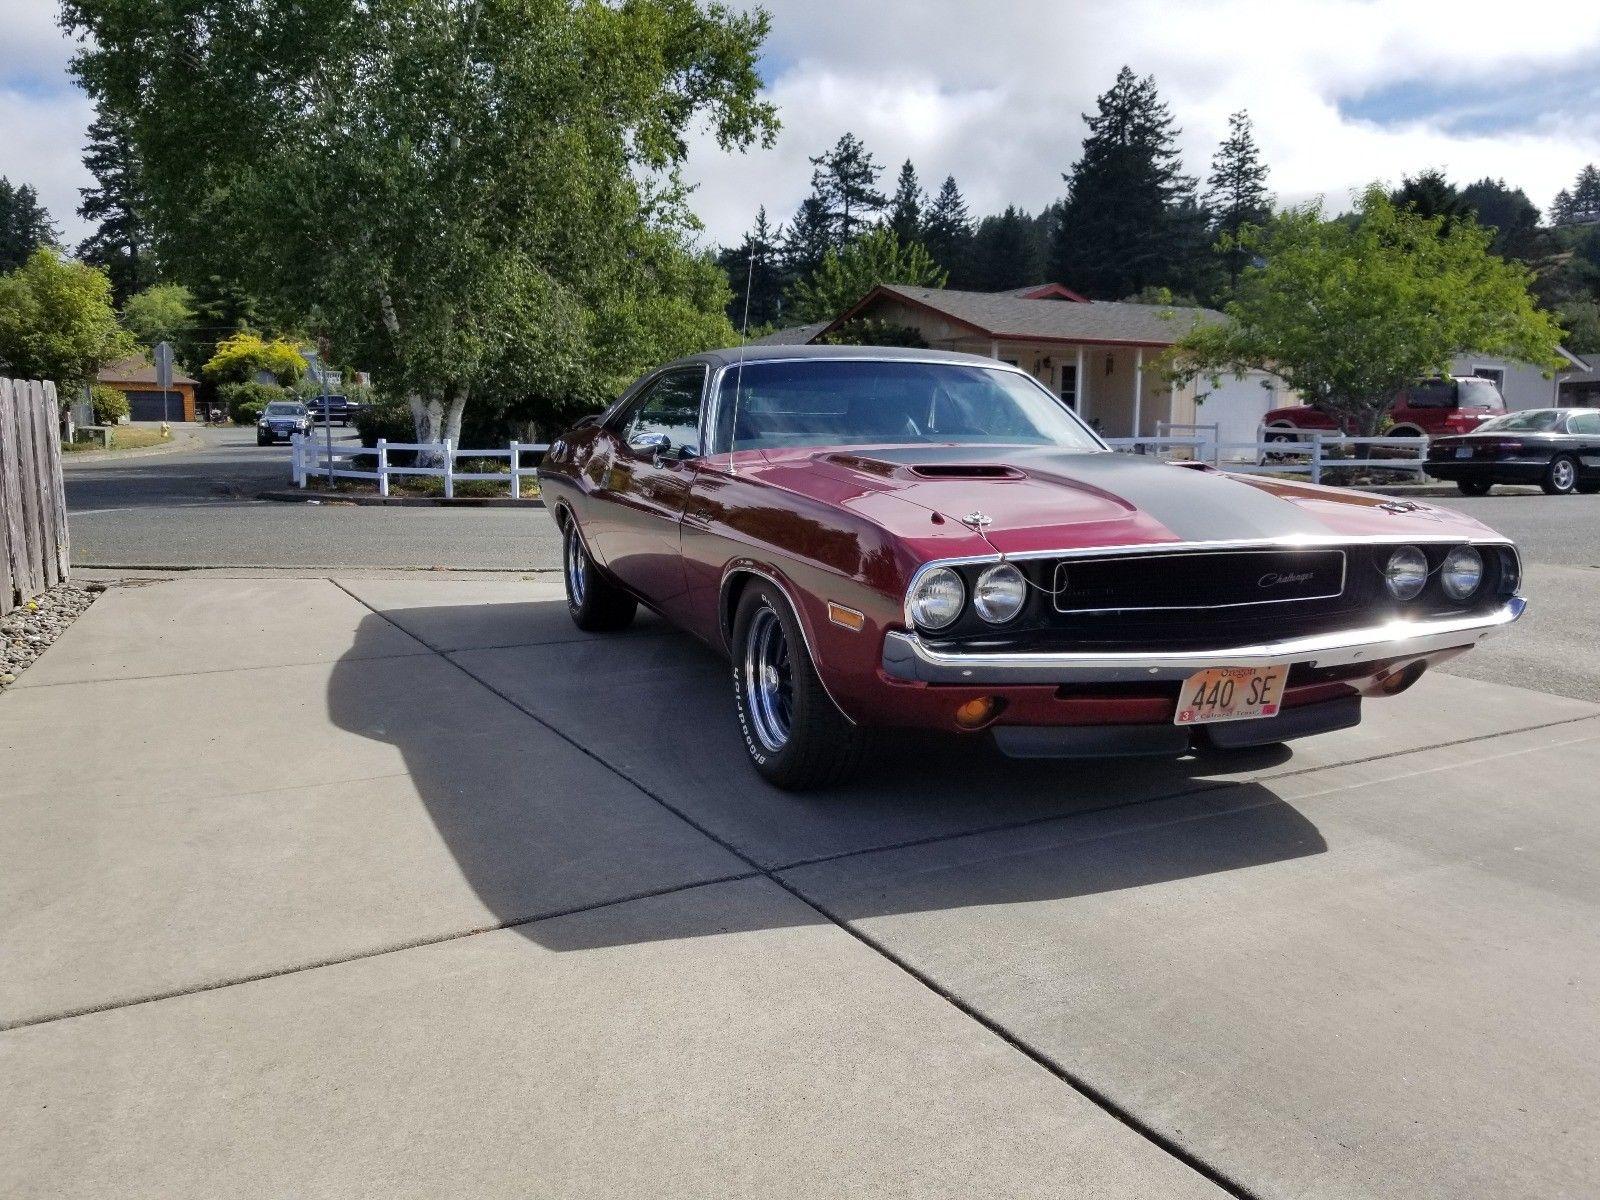 used Dodge Challenger 1970 vin: jh29g0e130880